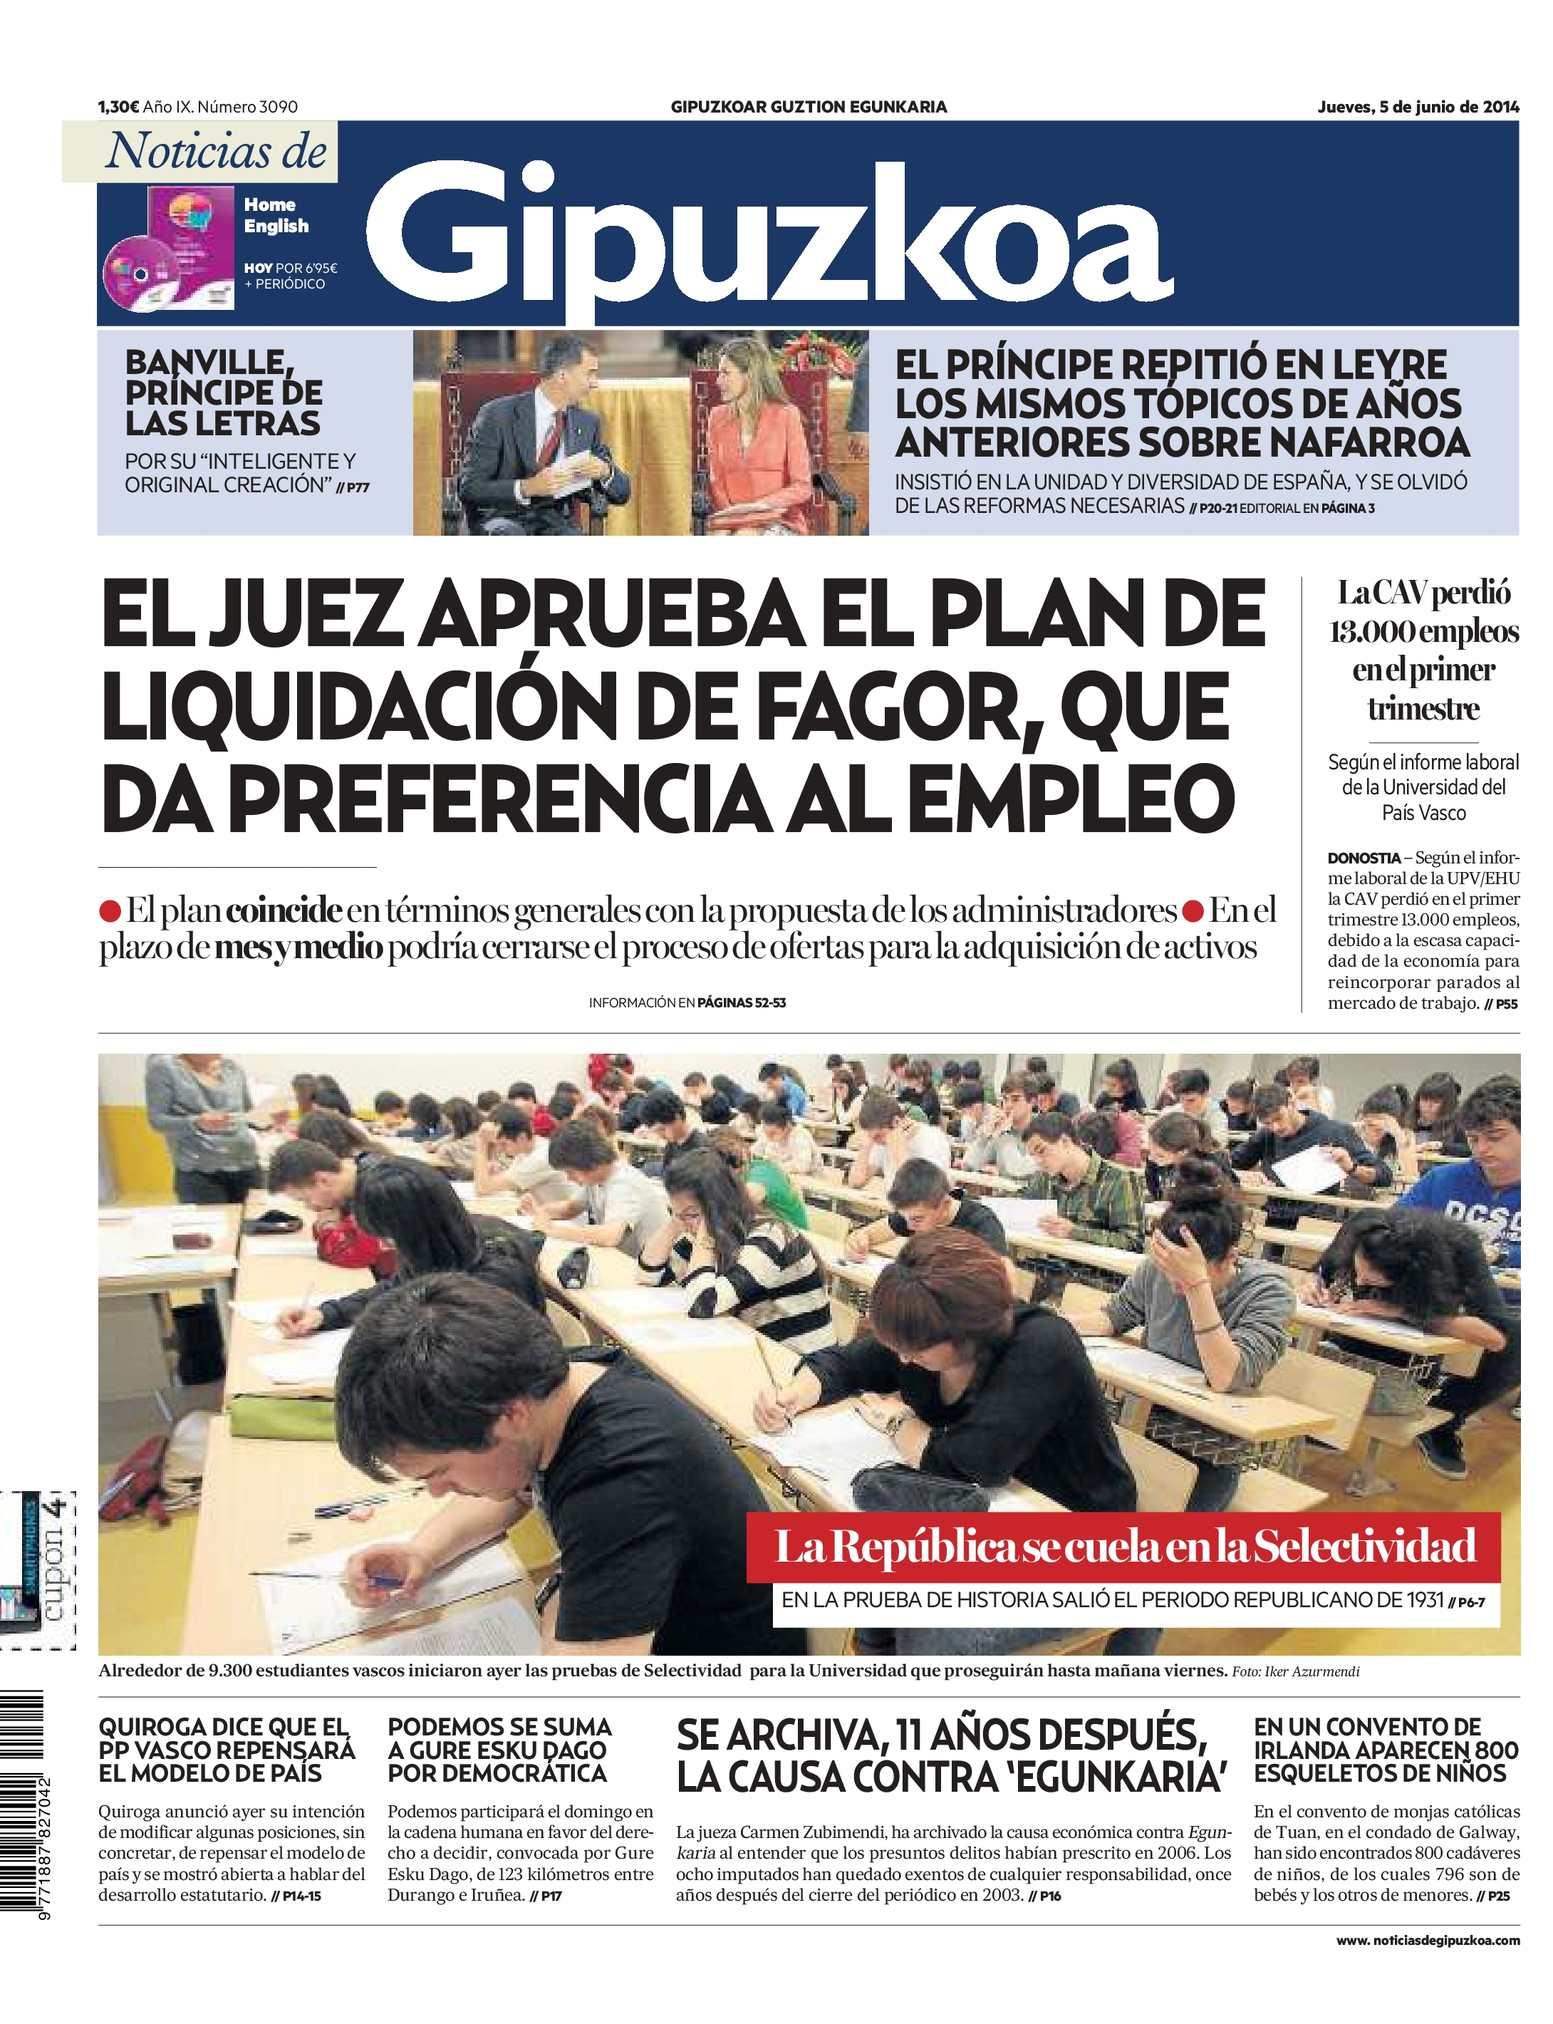 Calaméo - Noticias de Gipuzkoa 20140605